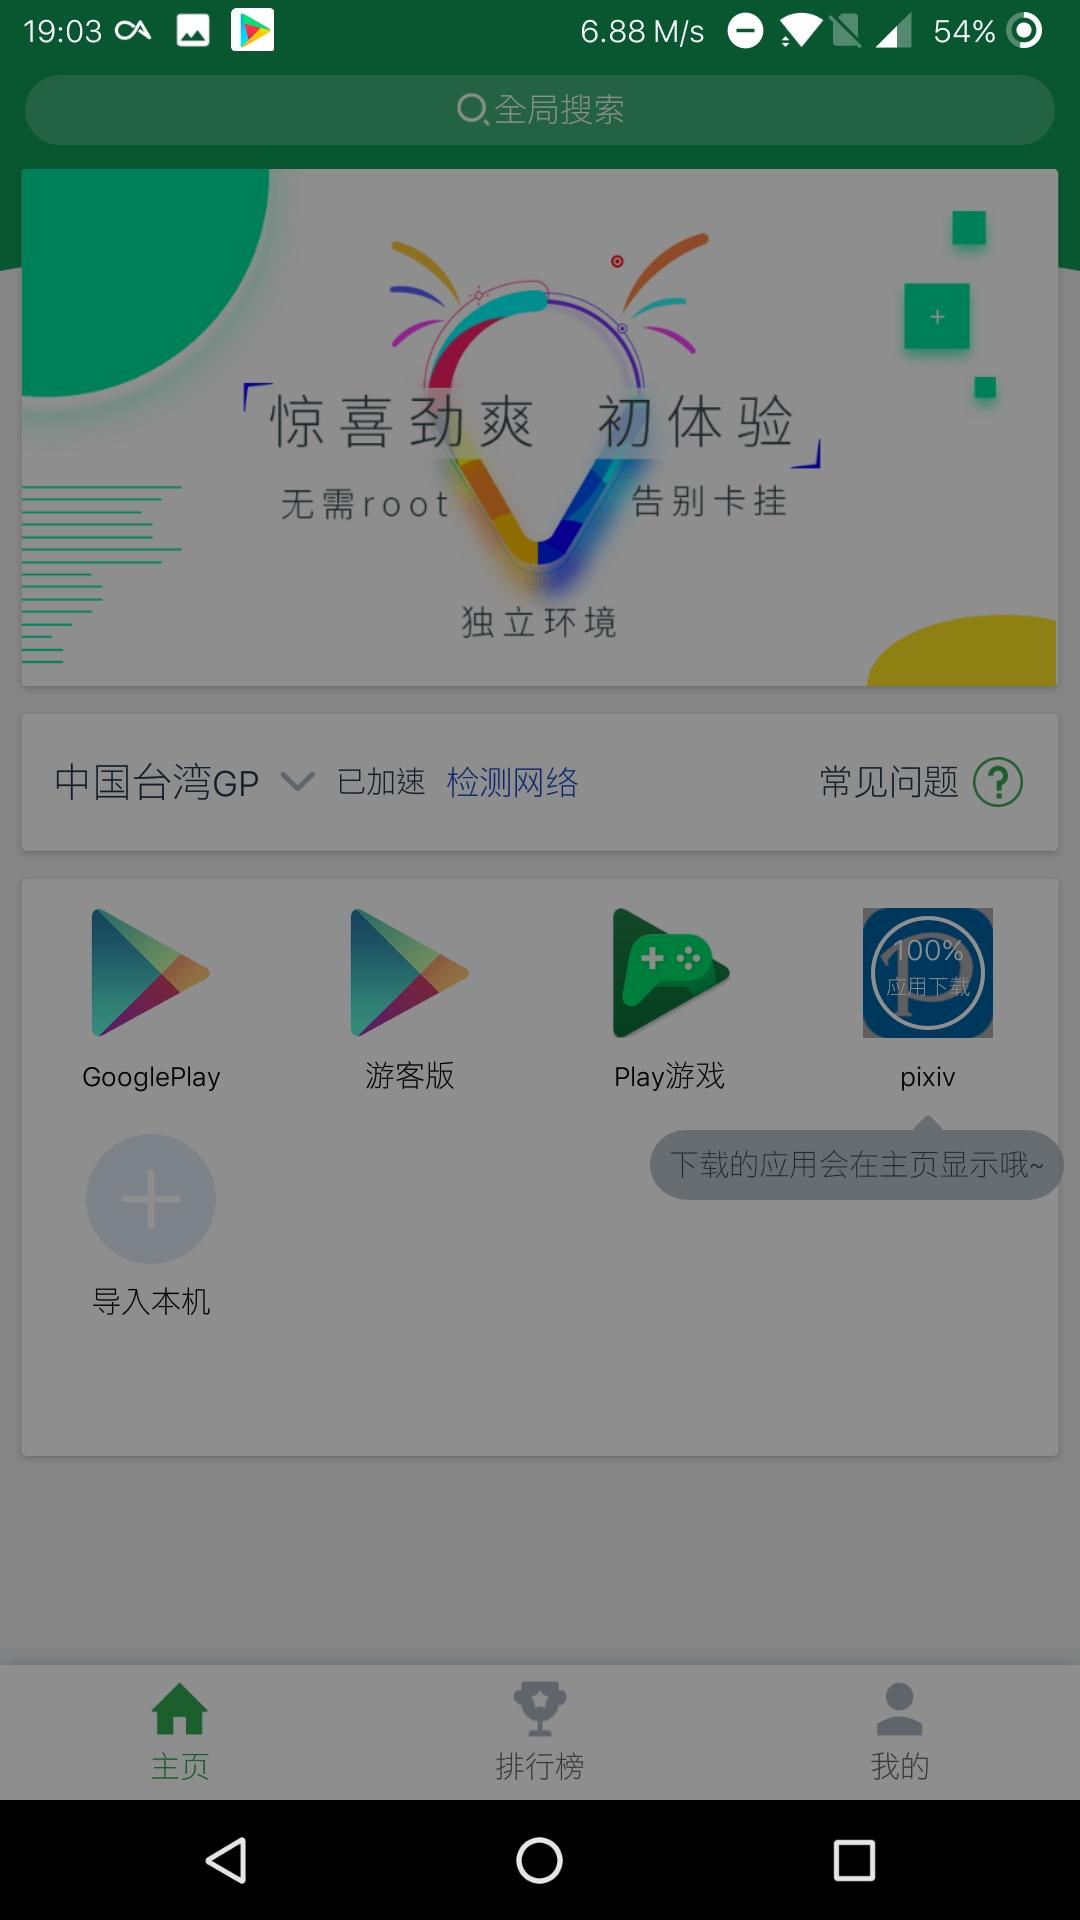 Screenshot_20180618-190358.jpg